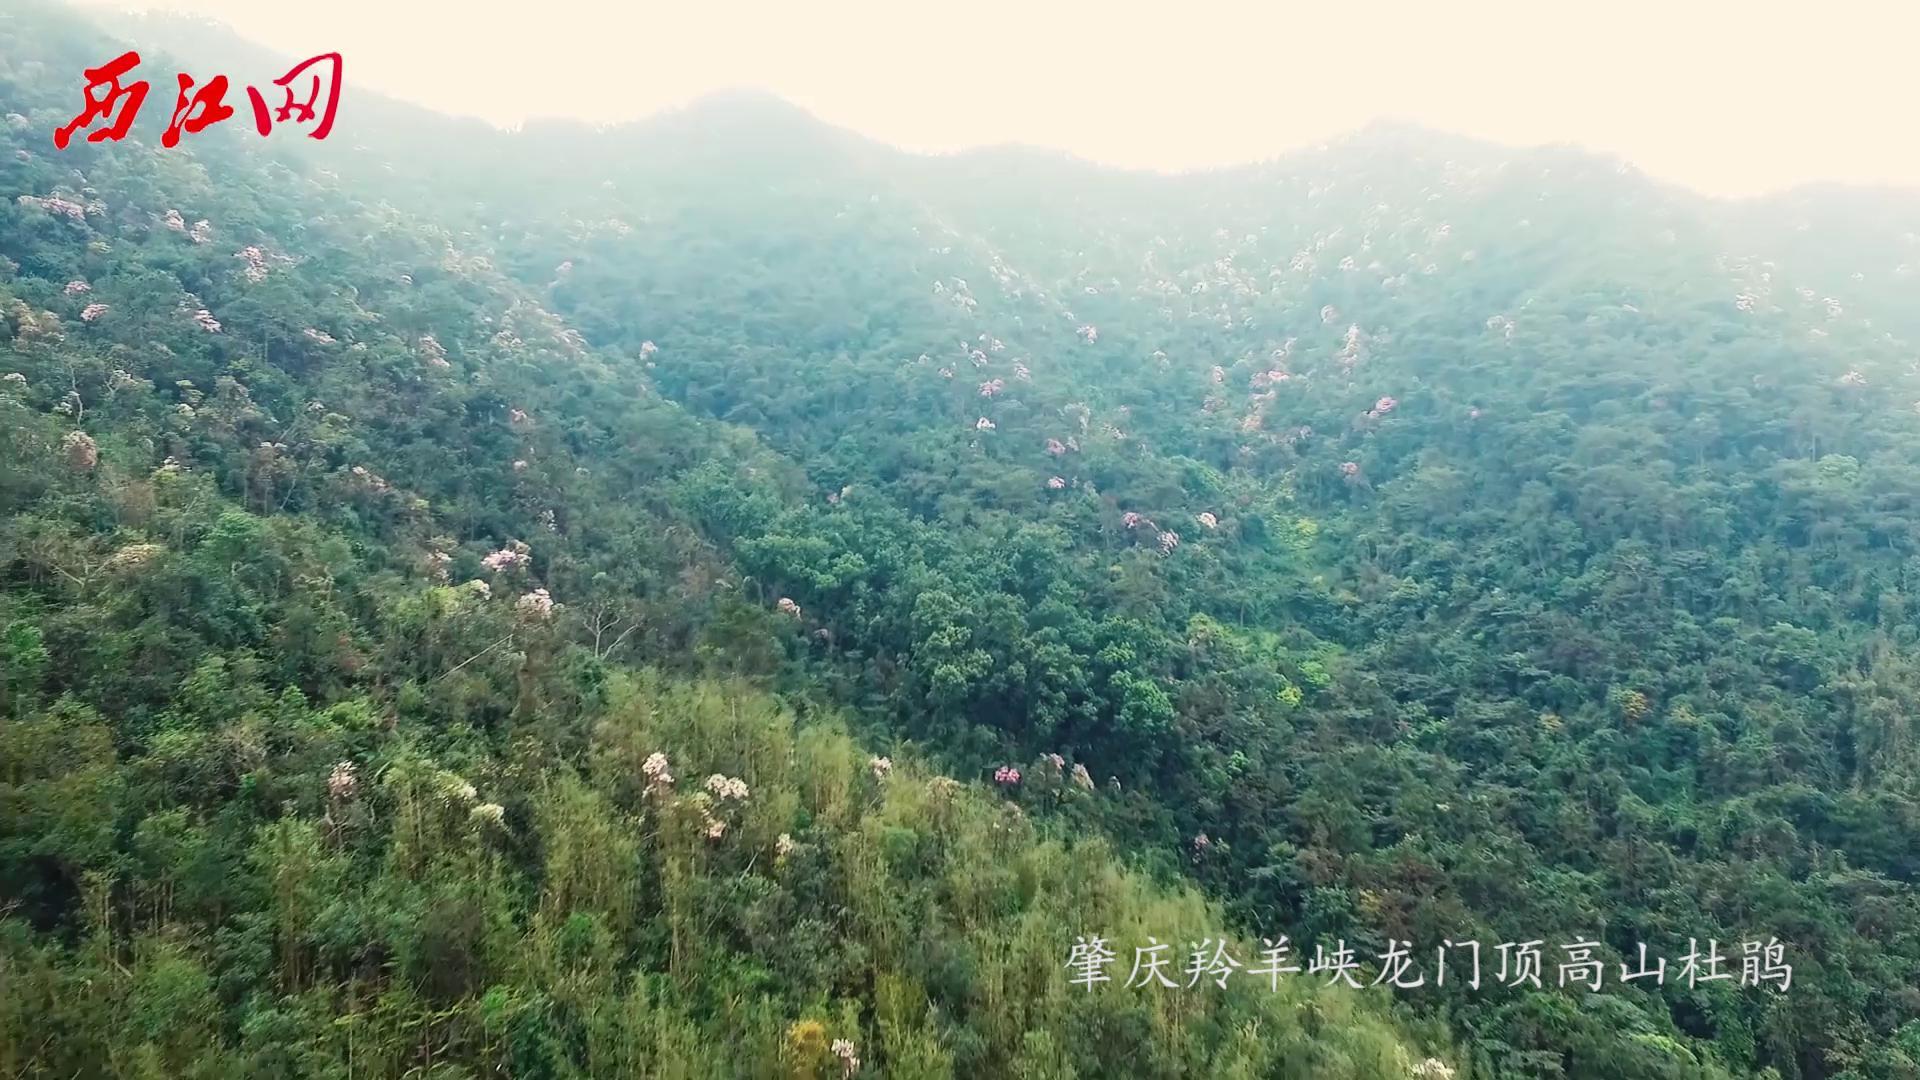 杜鵑花盛開 國家地理一般的肇慶秘境之地